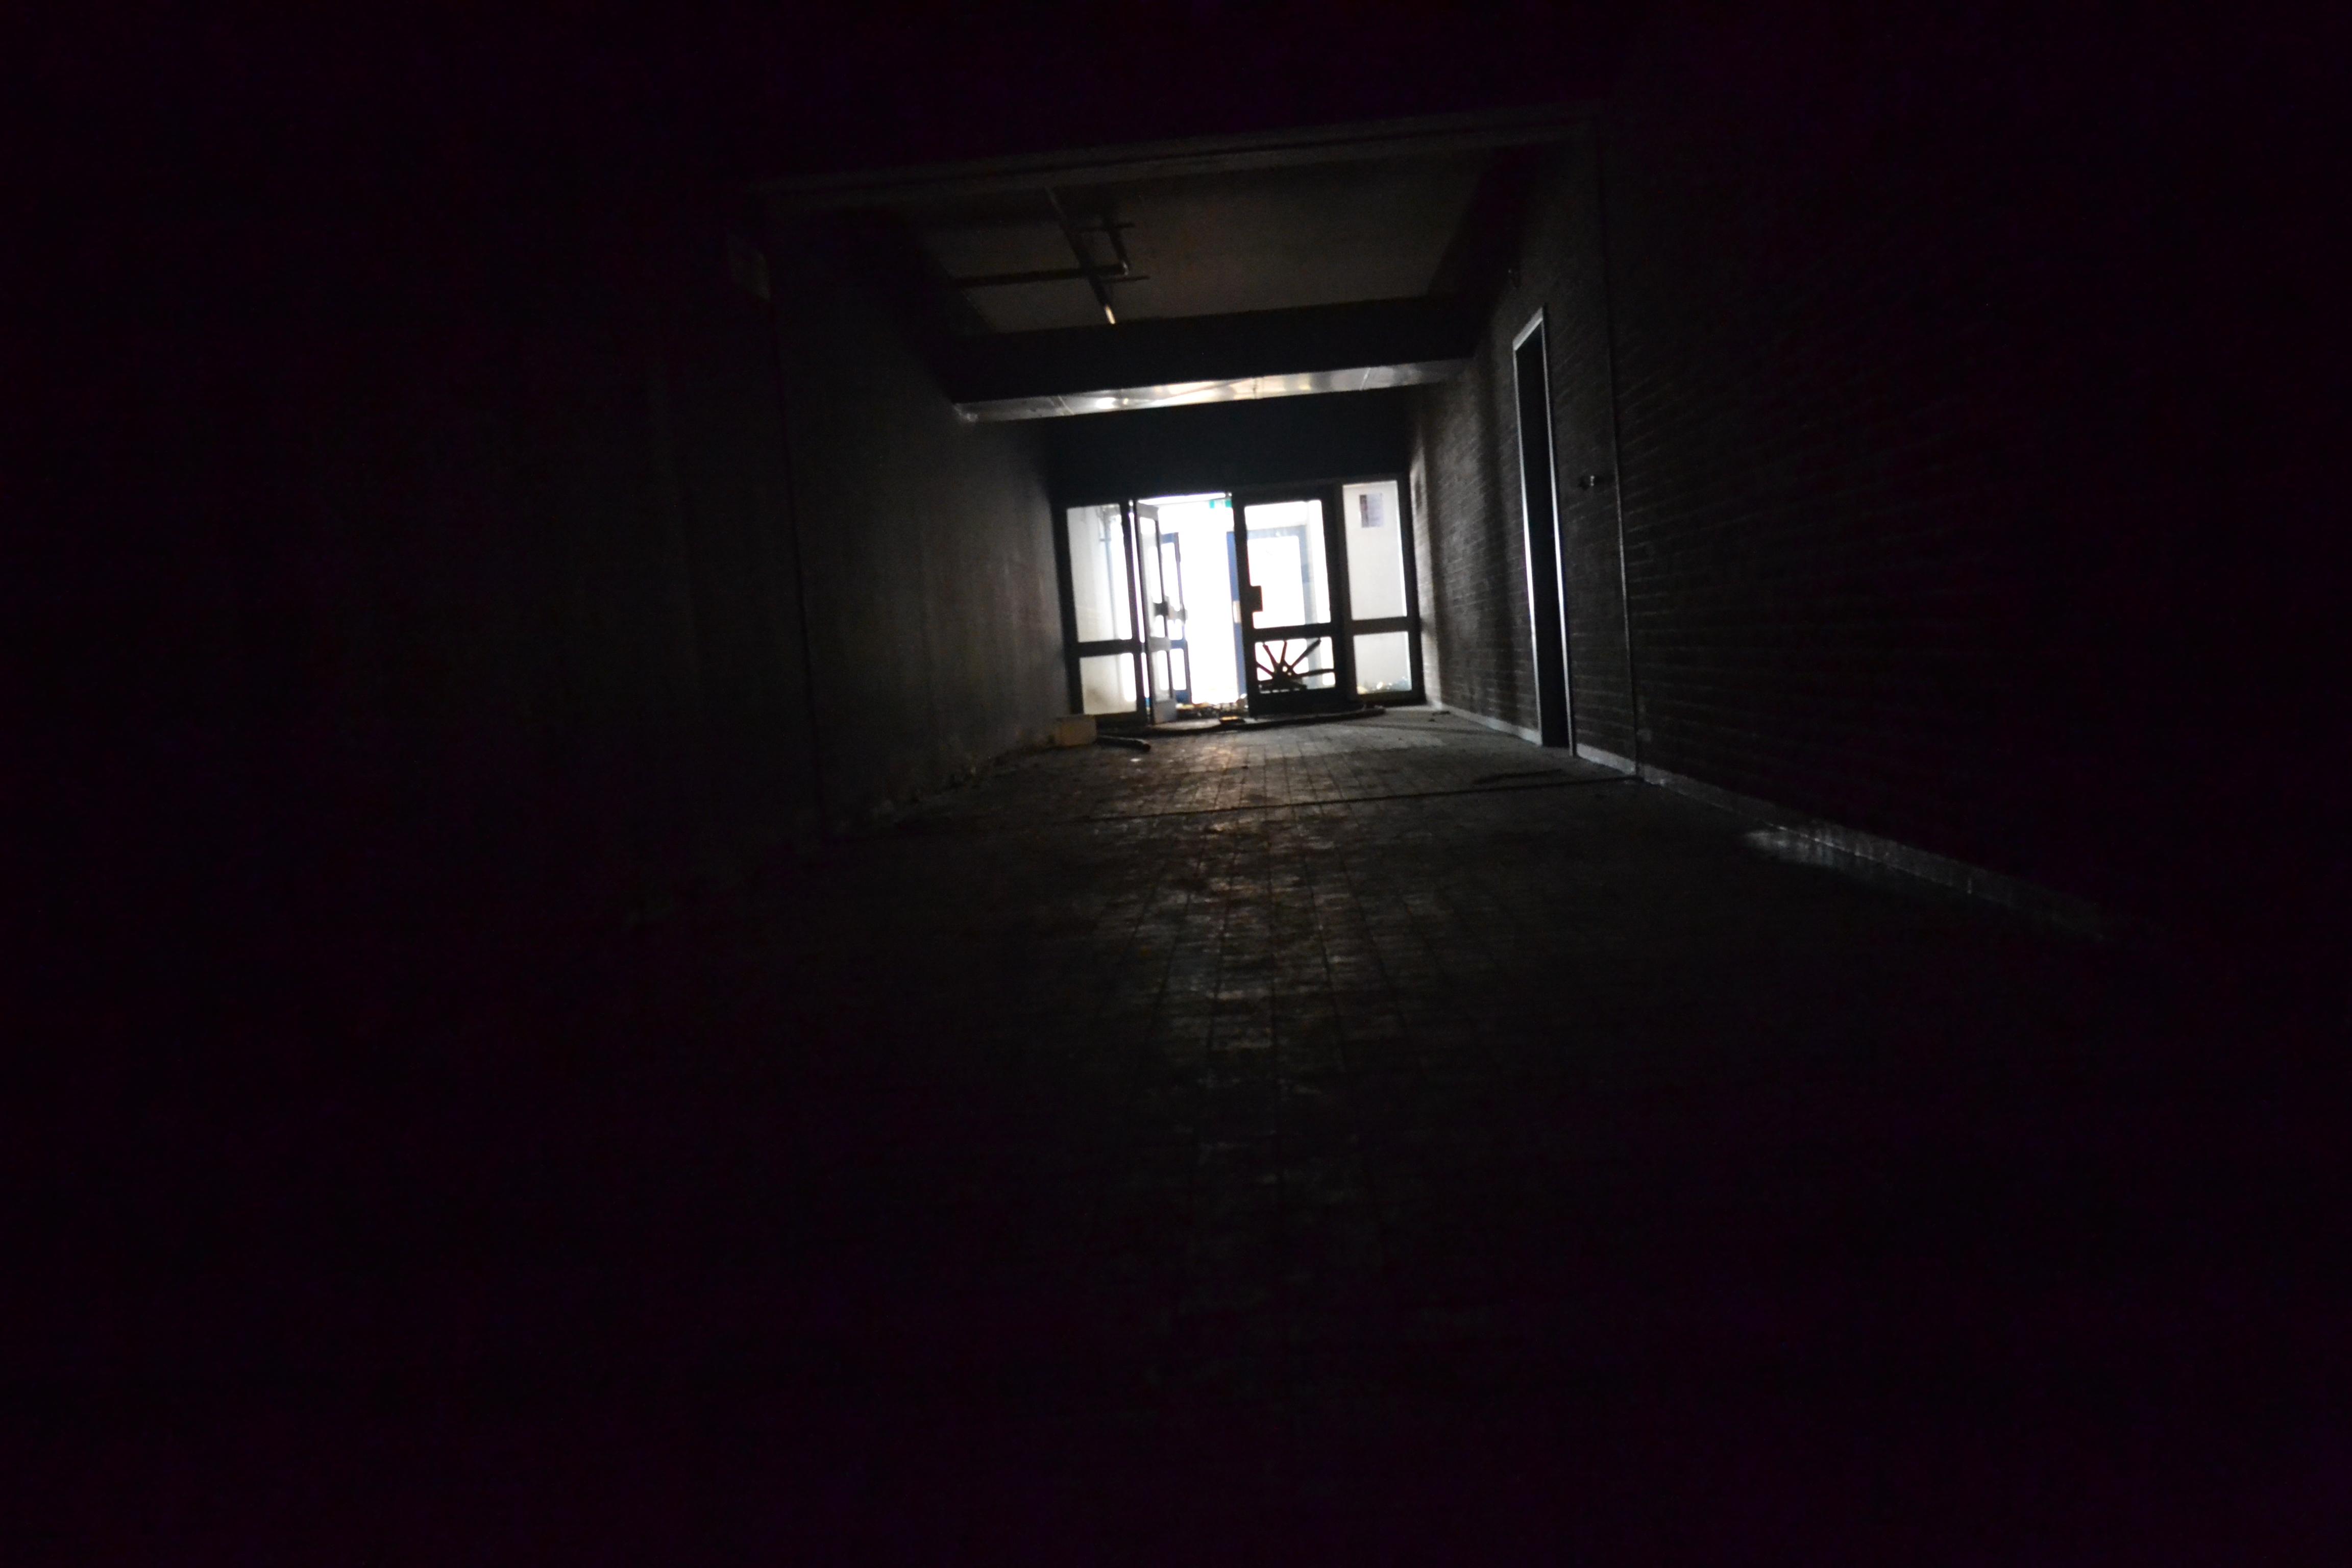 Dark hallway by Staatsmedia Dark hallway by Staatsmedia